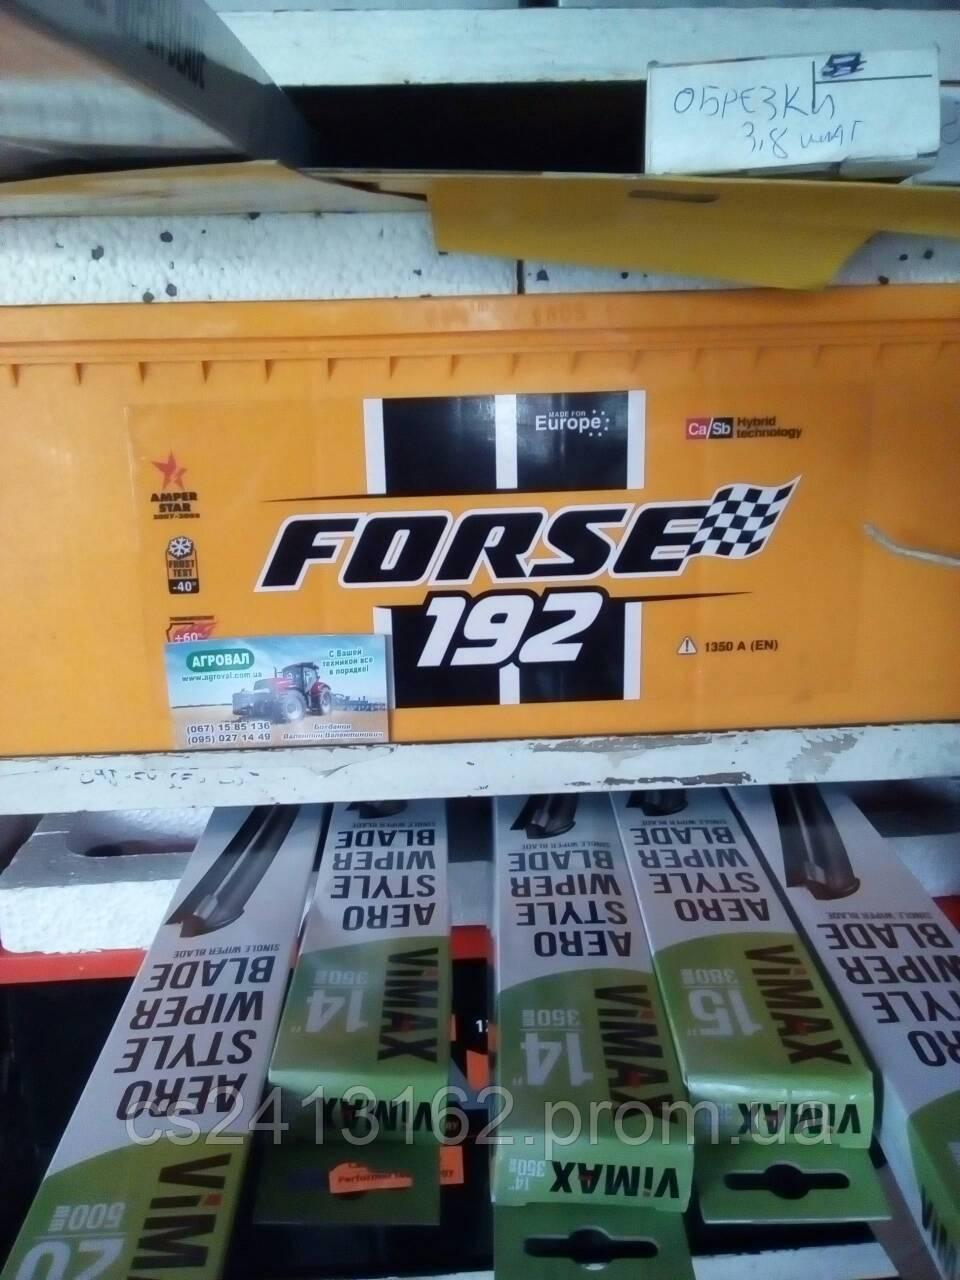 Автомобильный аккумулятор Форс Forse (Westa) 6ст - 192 Ah 1350A